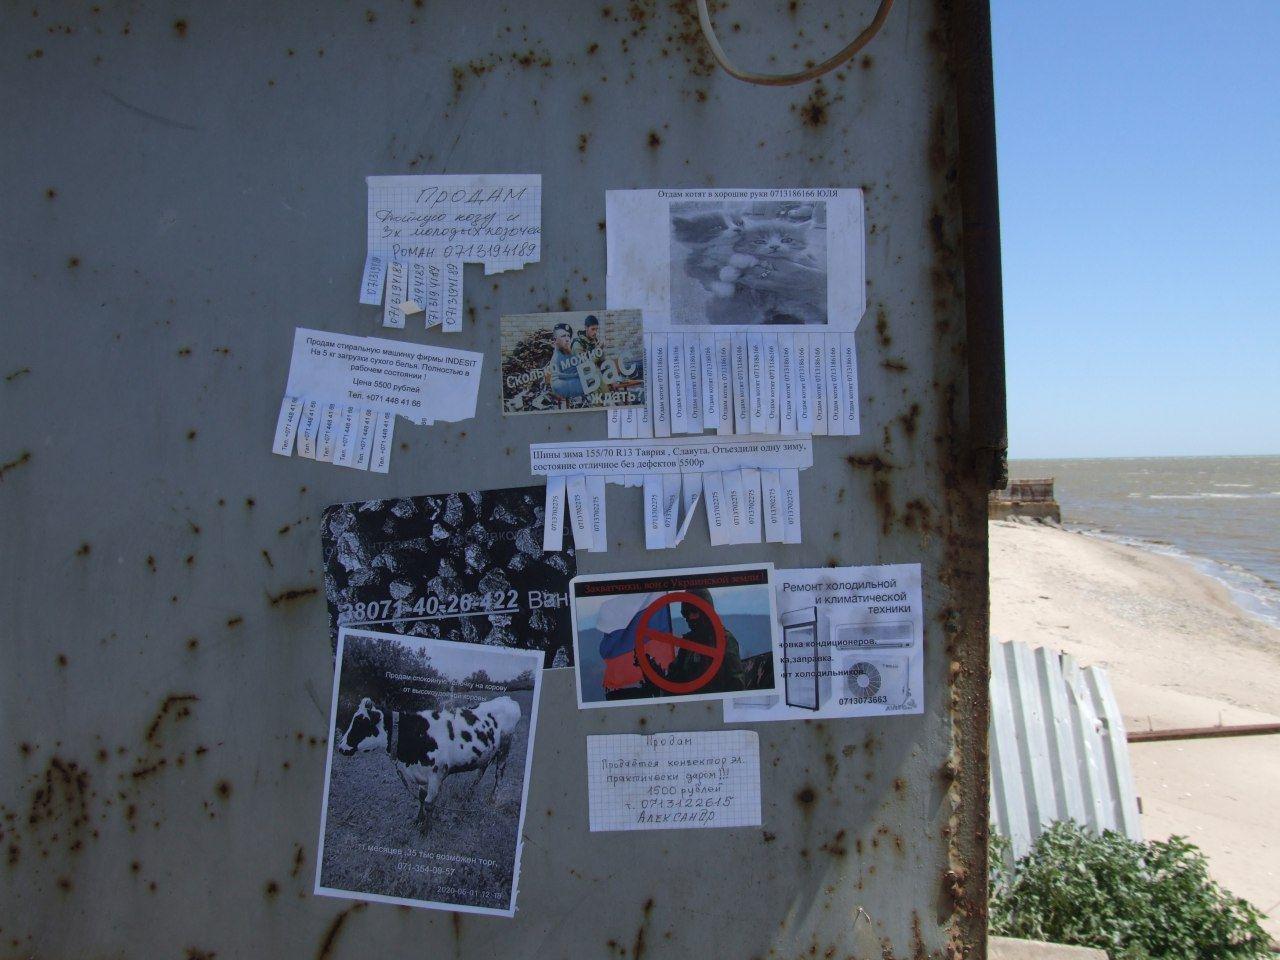 В «ДНР» расклеили листовки  с надписью «Захватчики, вон с Украинской земли!», - ФОТО, фото-1